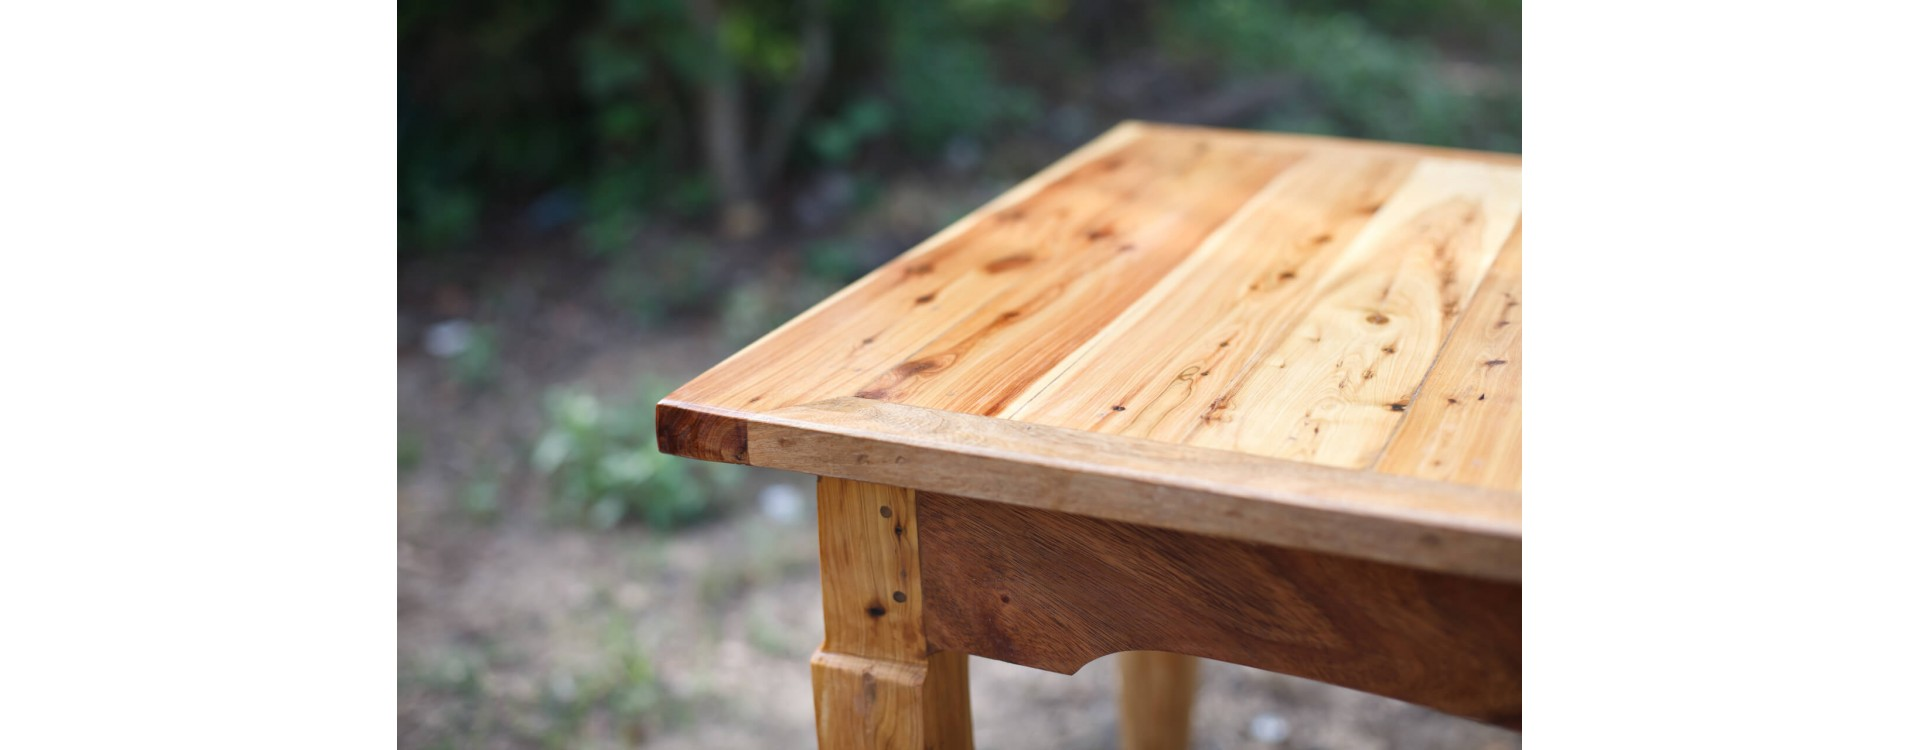 Le Fibre Del Legno che cosa sono i nodi del legno - a proposito di legno